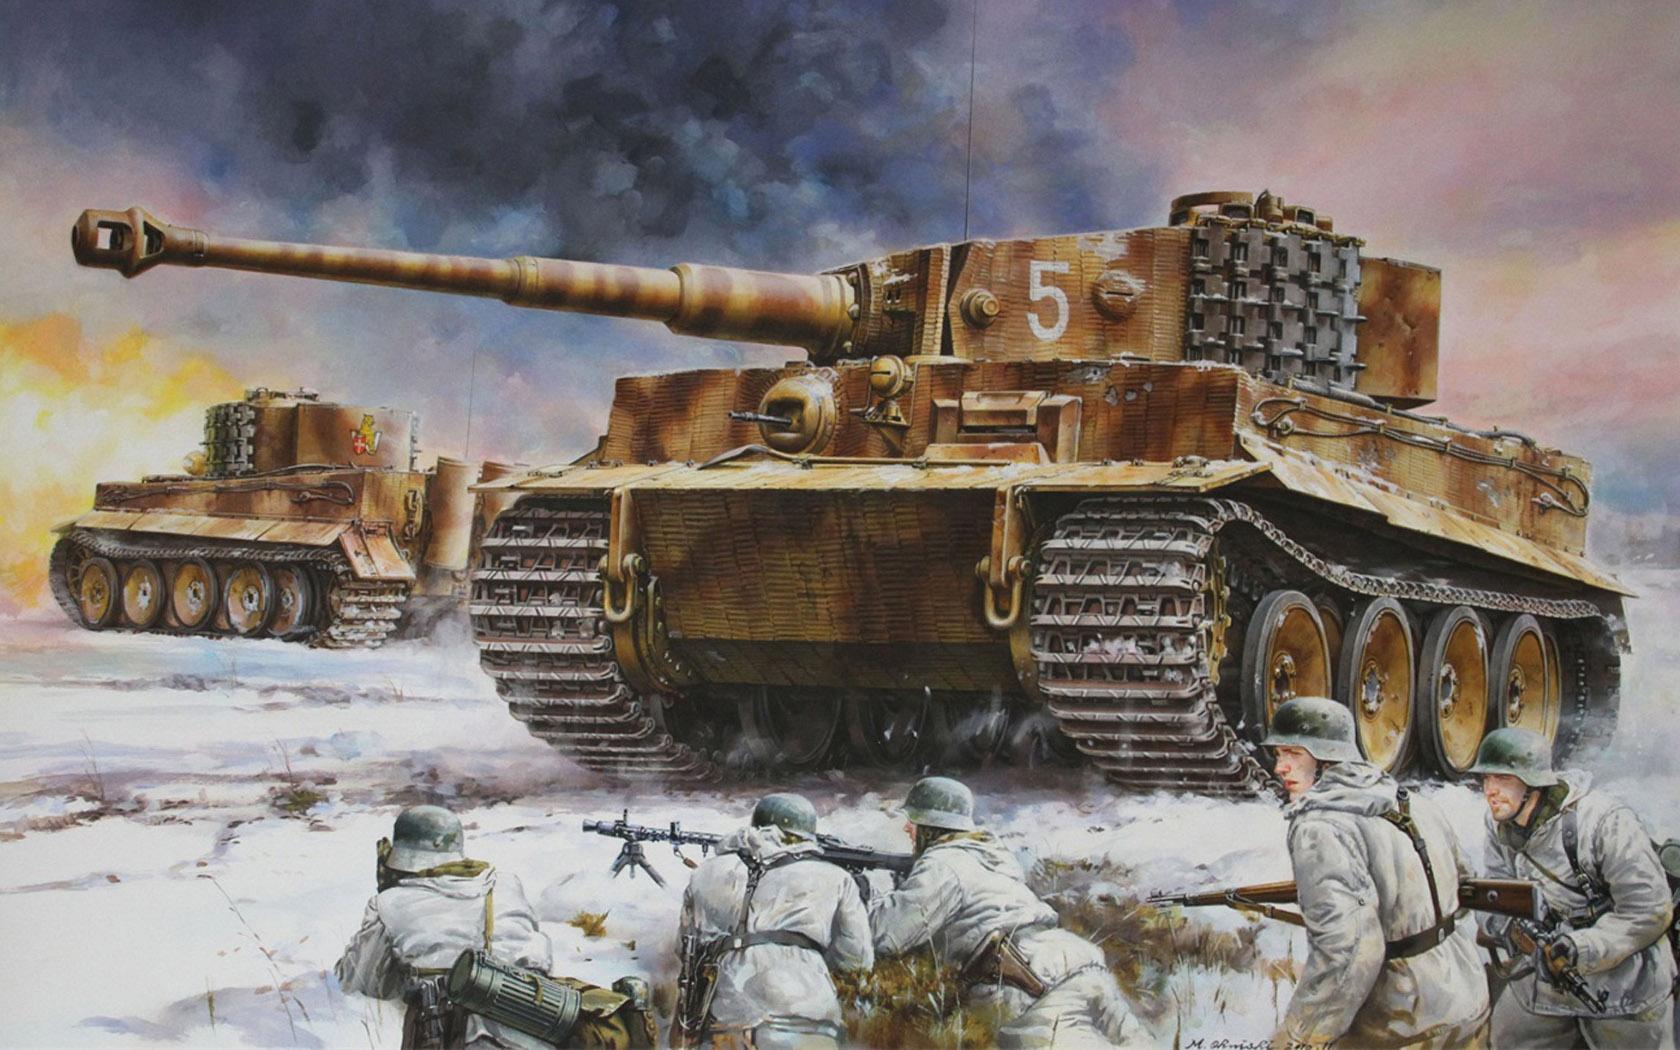 рисунок Pz.Kpfw.VI Ausf.E Tiger I